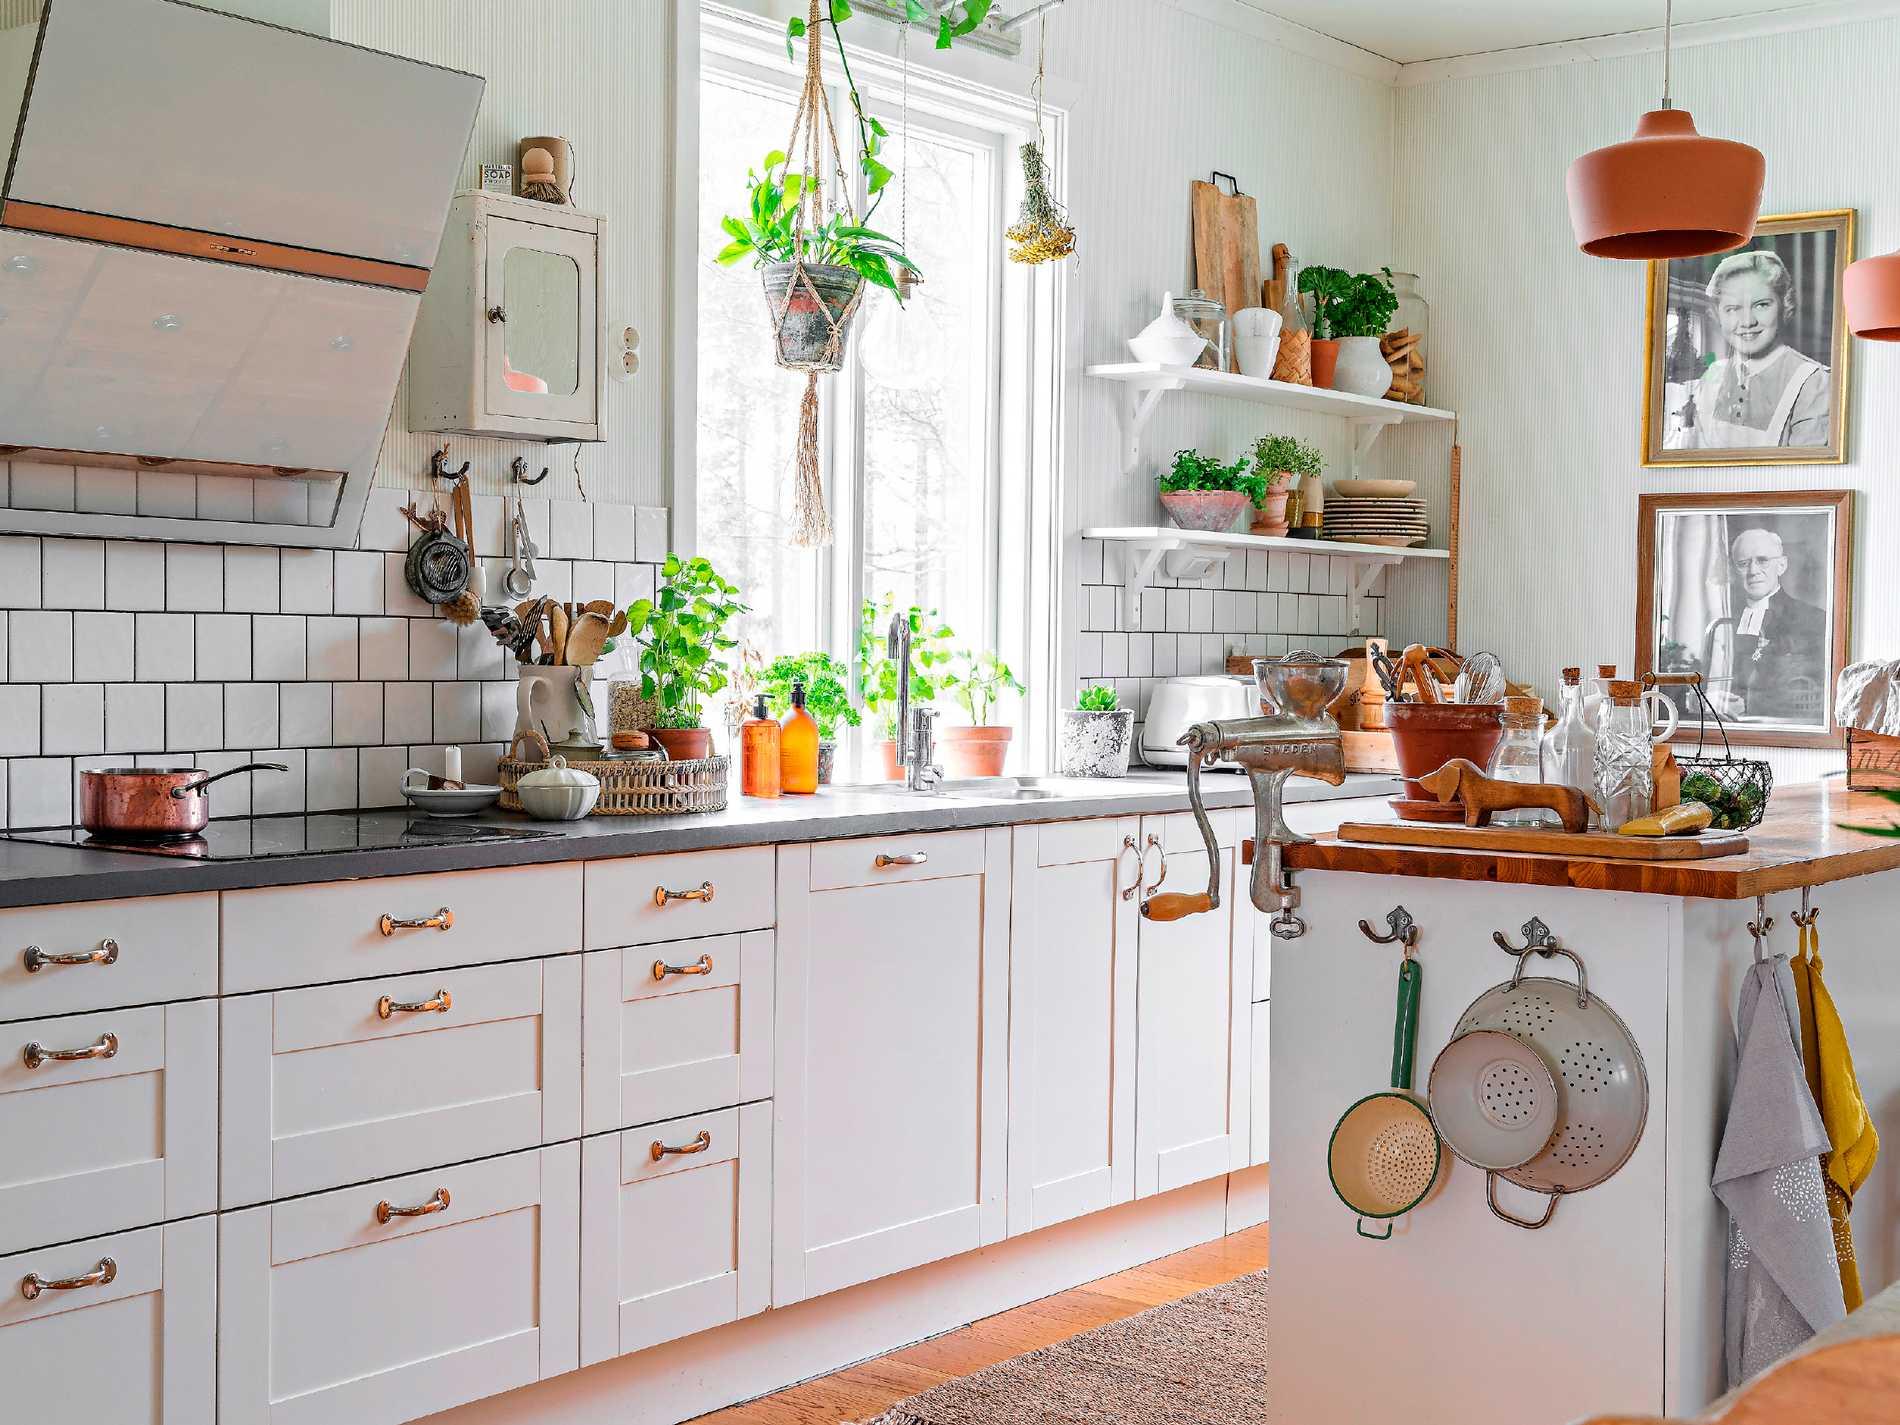 Köket är inrett i ljusa toner med en lantlig touch. Köksinredning från Myresjökök med handtag från Specialbeslag.